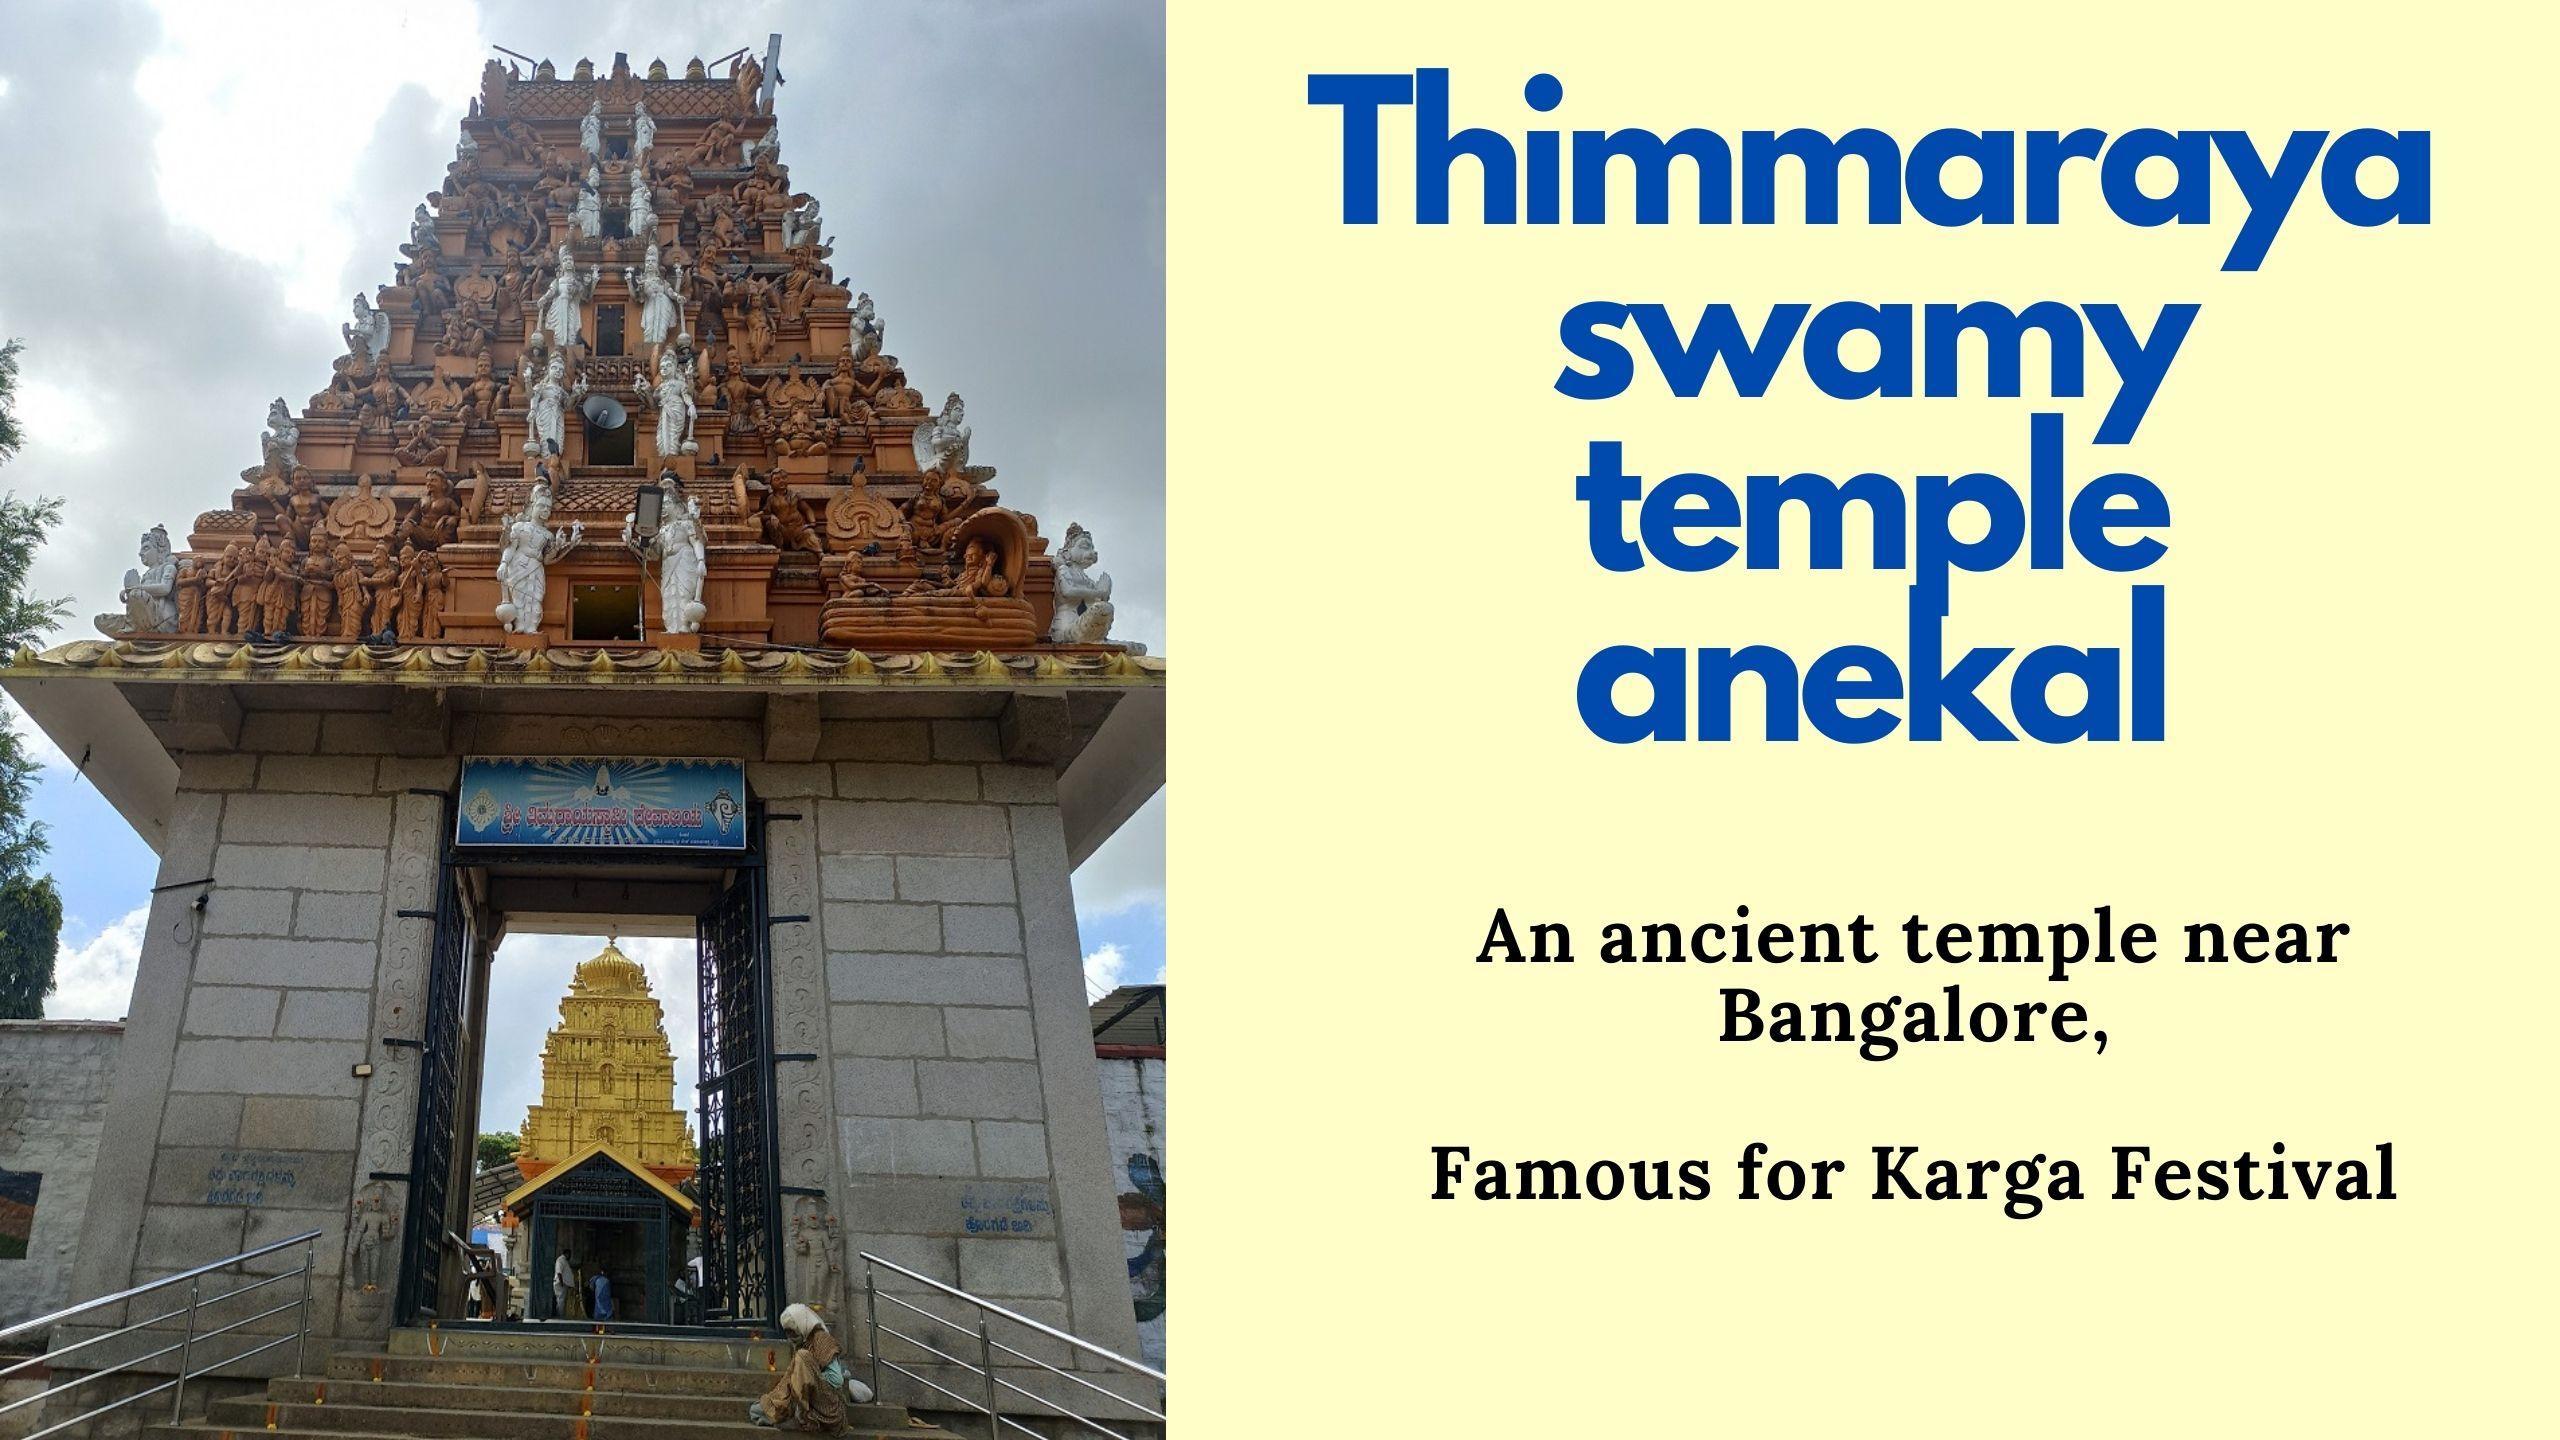 Thimmaraya swamy temple anekal